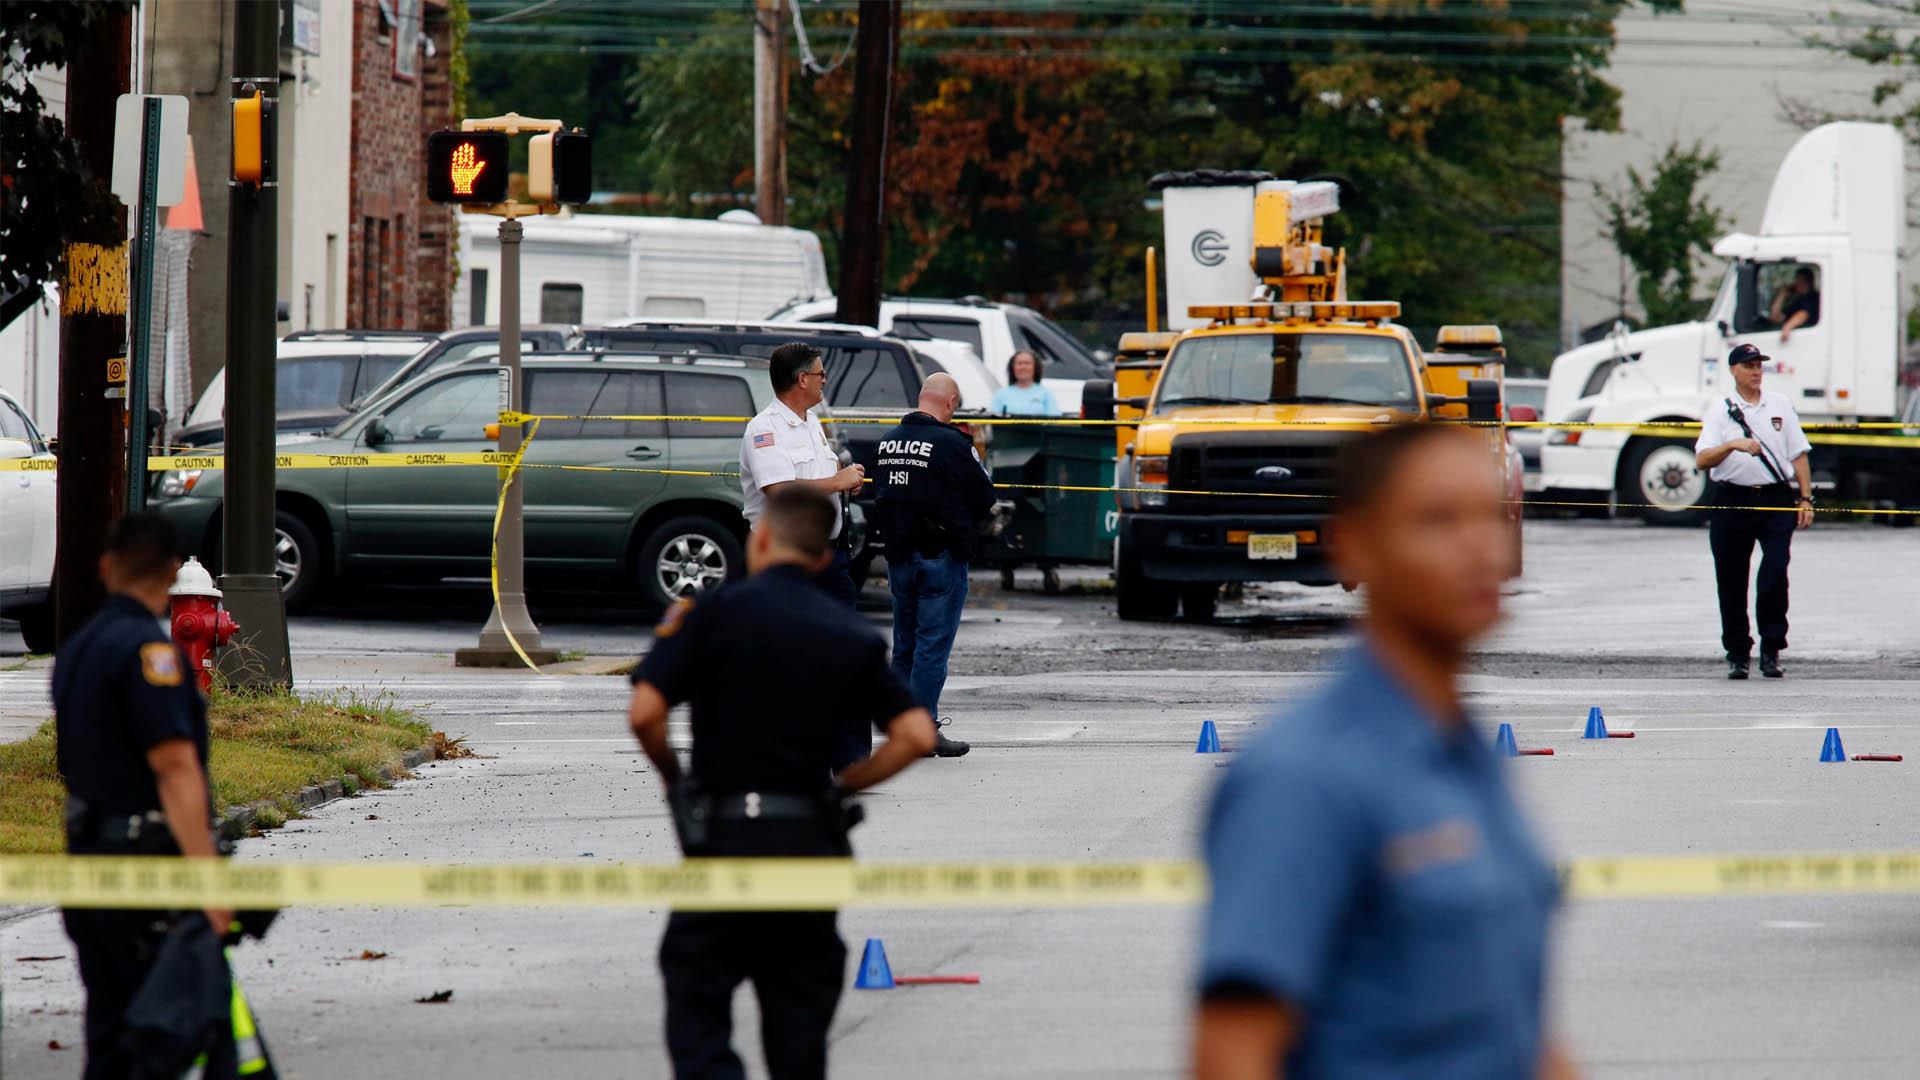 Nueva York mejorará las inmediaciones de la Organización de las Naciones Unidas en vista de la explosión suscitada el sábado pasado